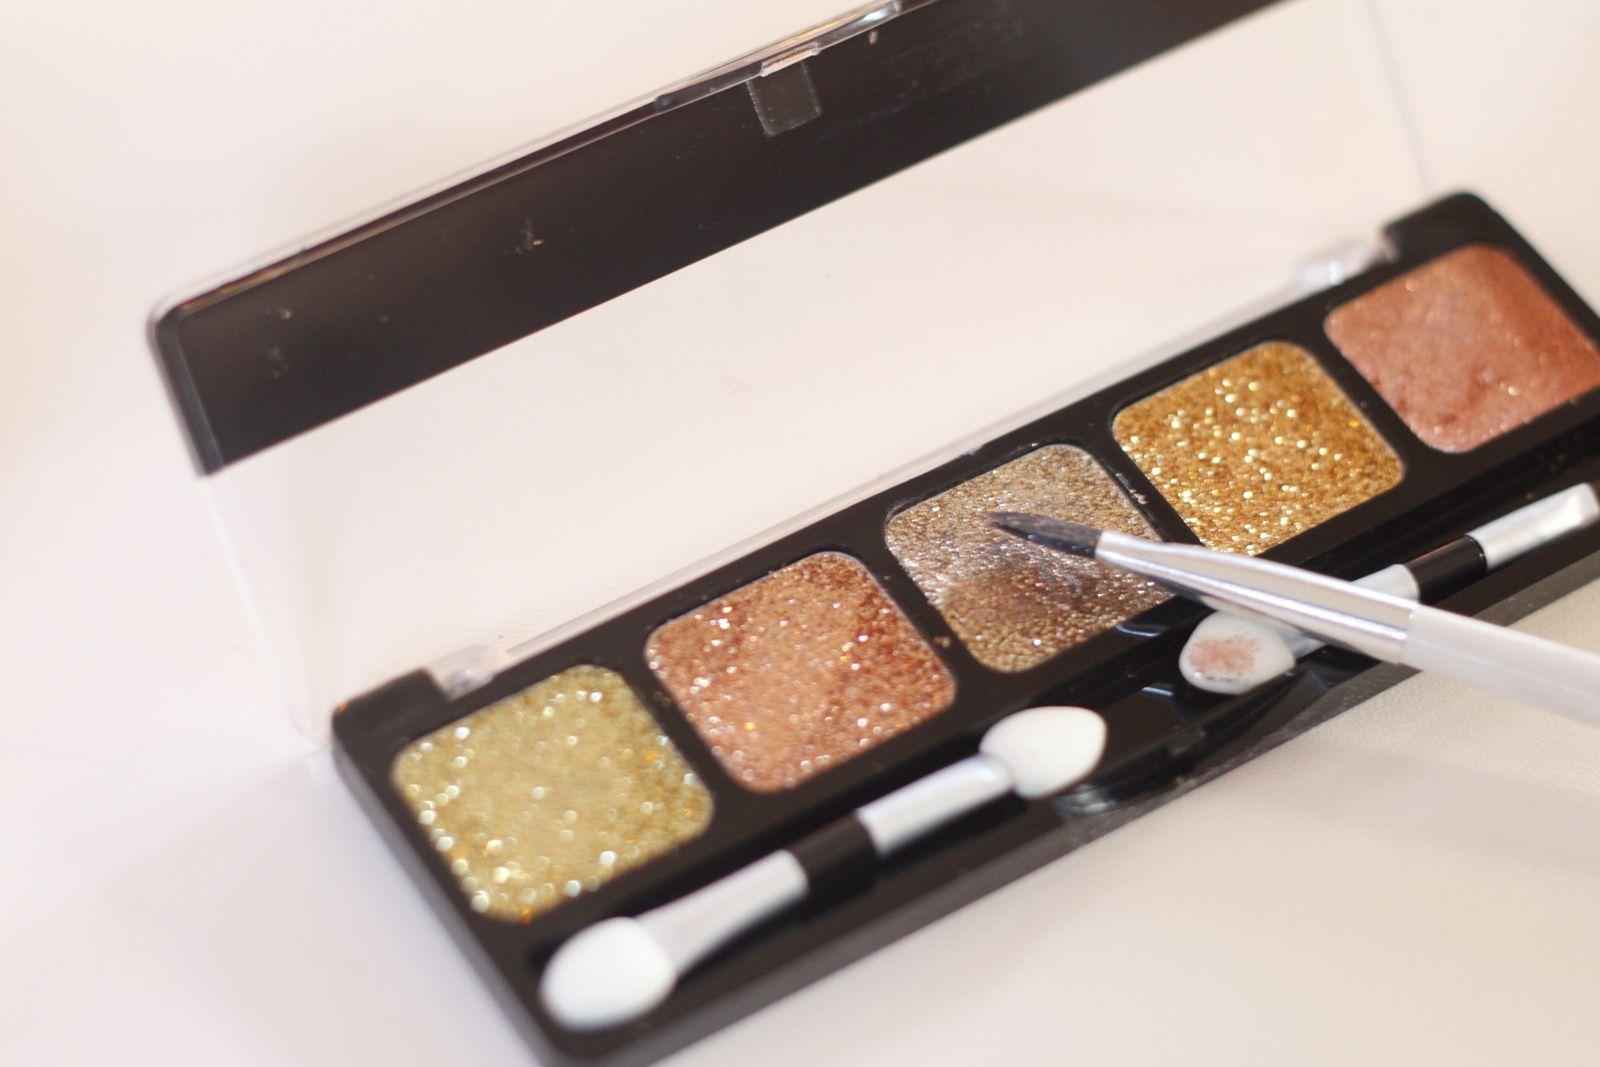 Maquillage de f tes n 2 tutoriel quiaimeastuces - Meilleure palette maquillage ...